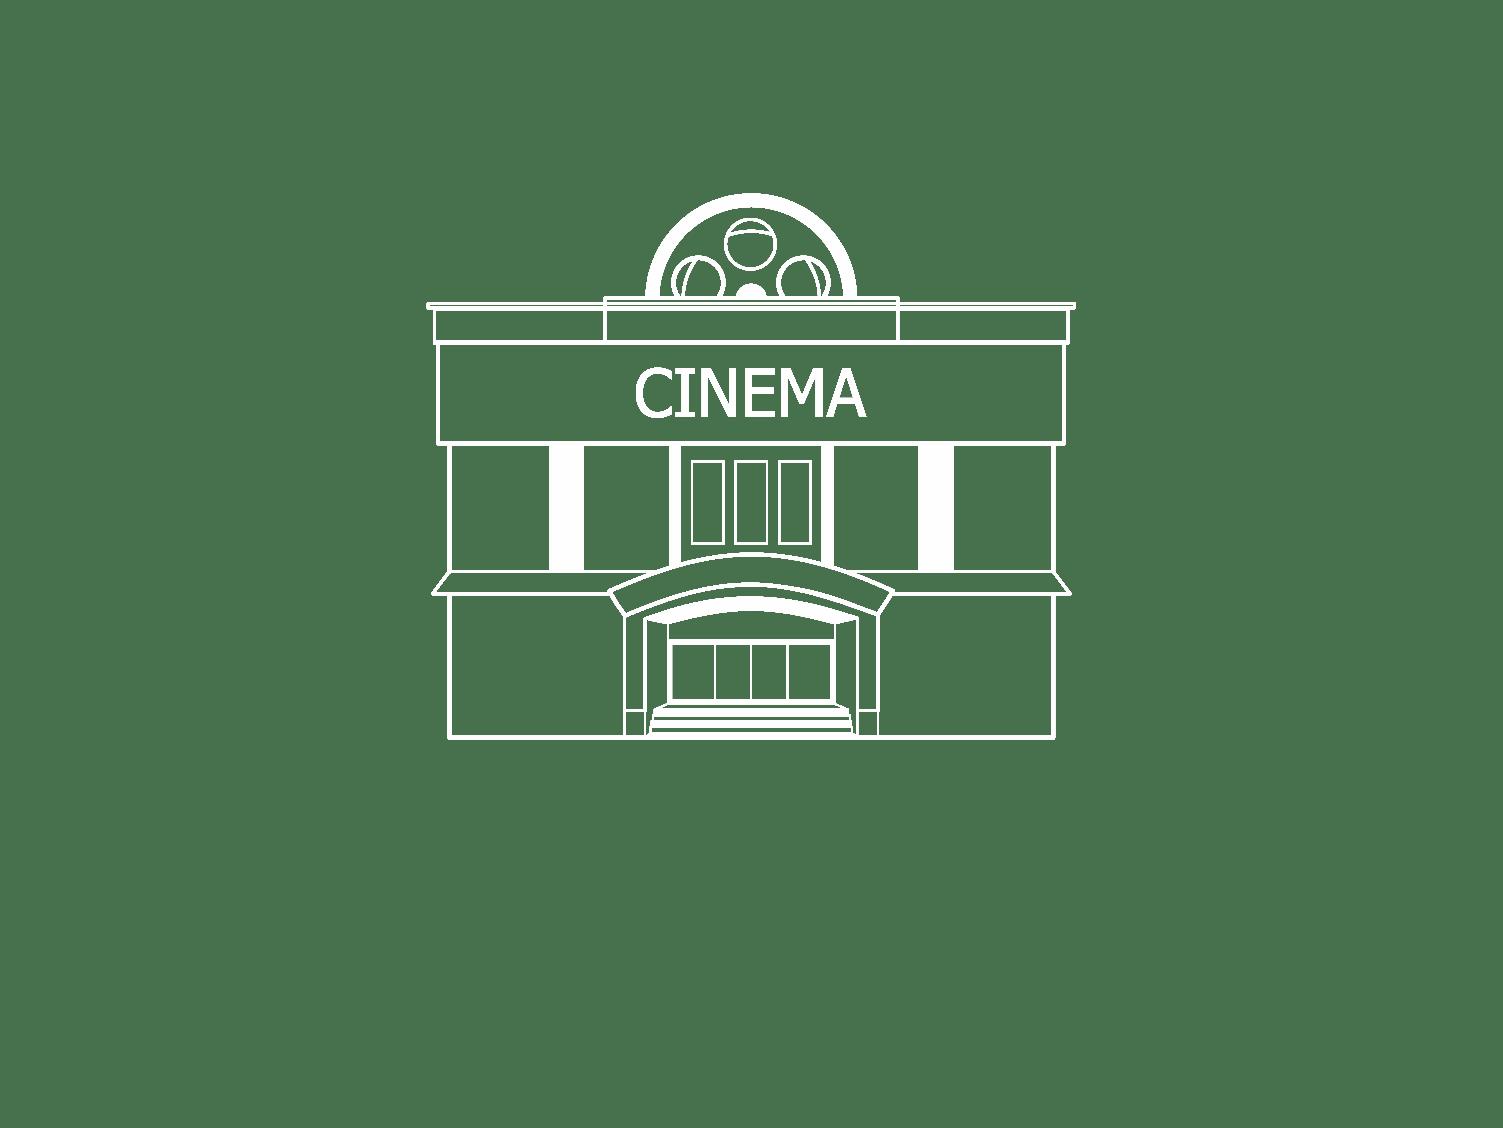 665 кинотеатров